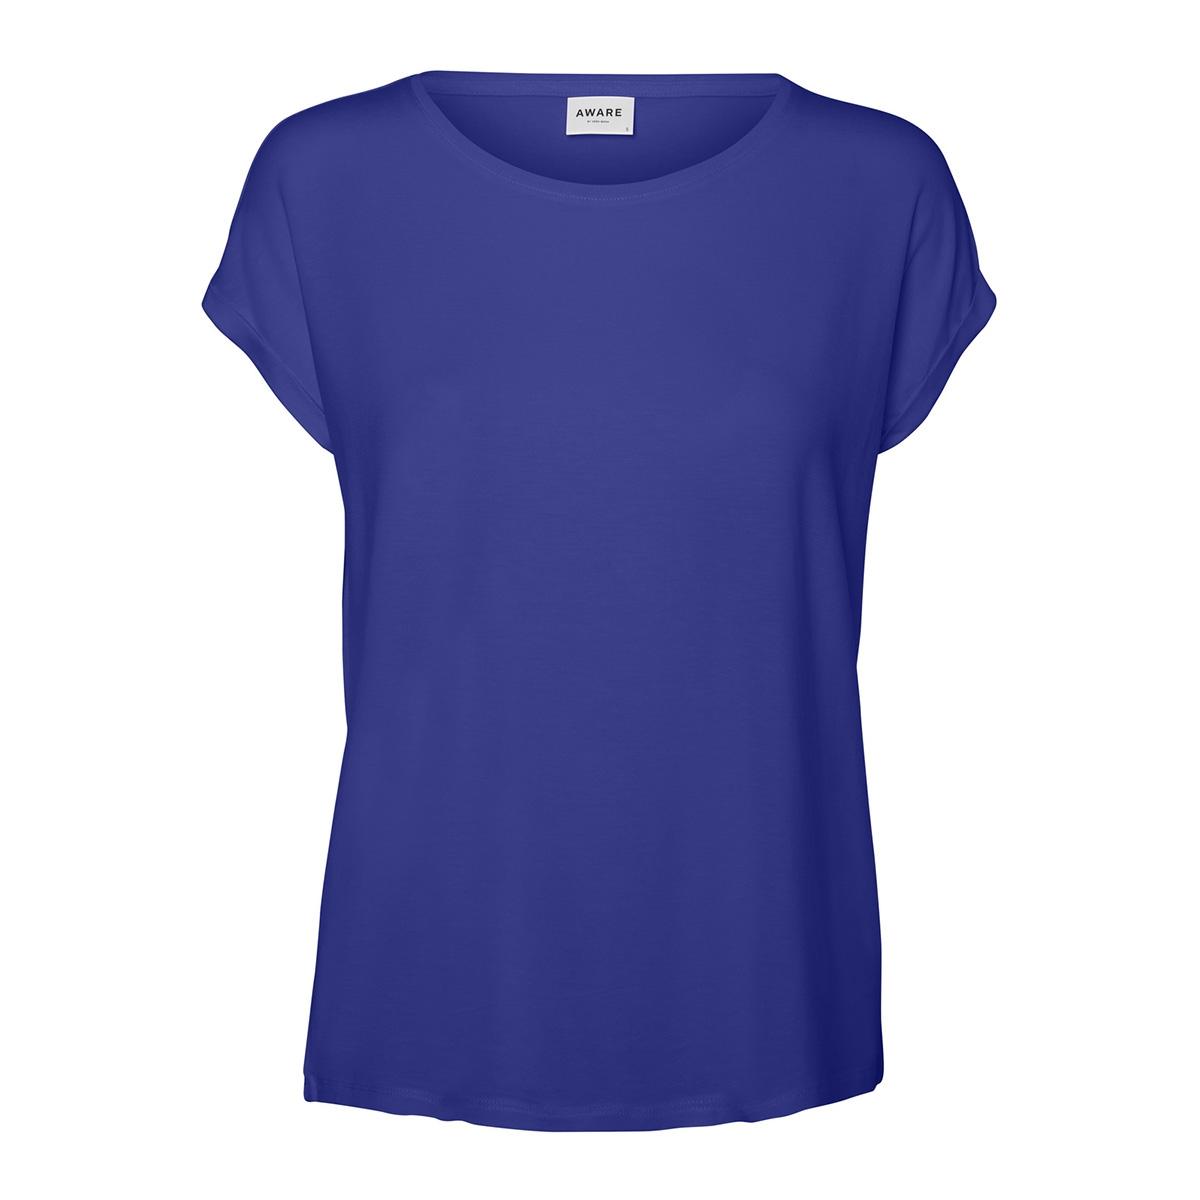 vmava plain ss top ga color 10195724 vero moda t-shirt royal blue